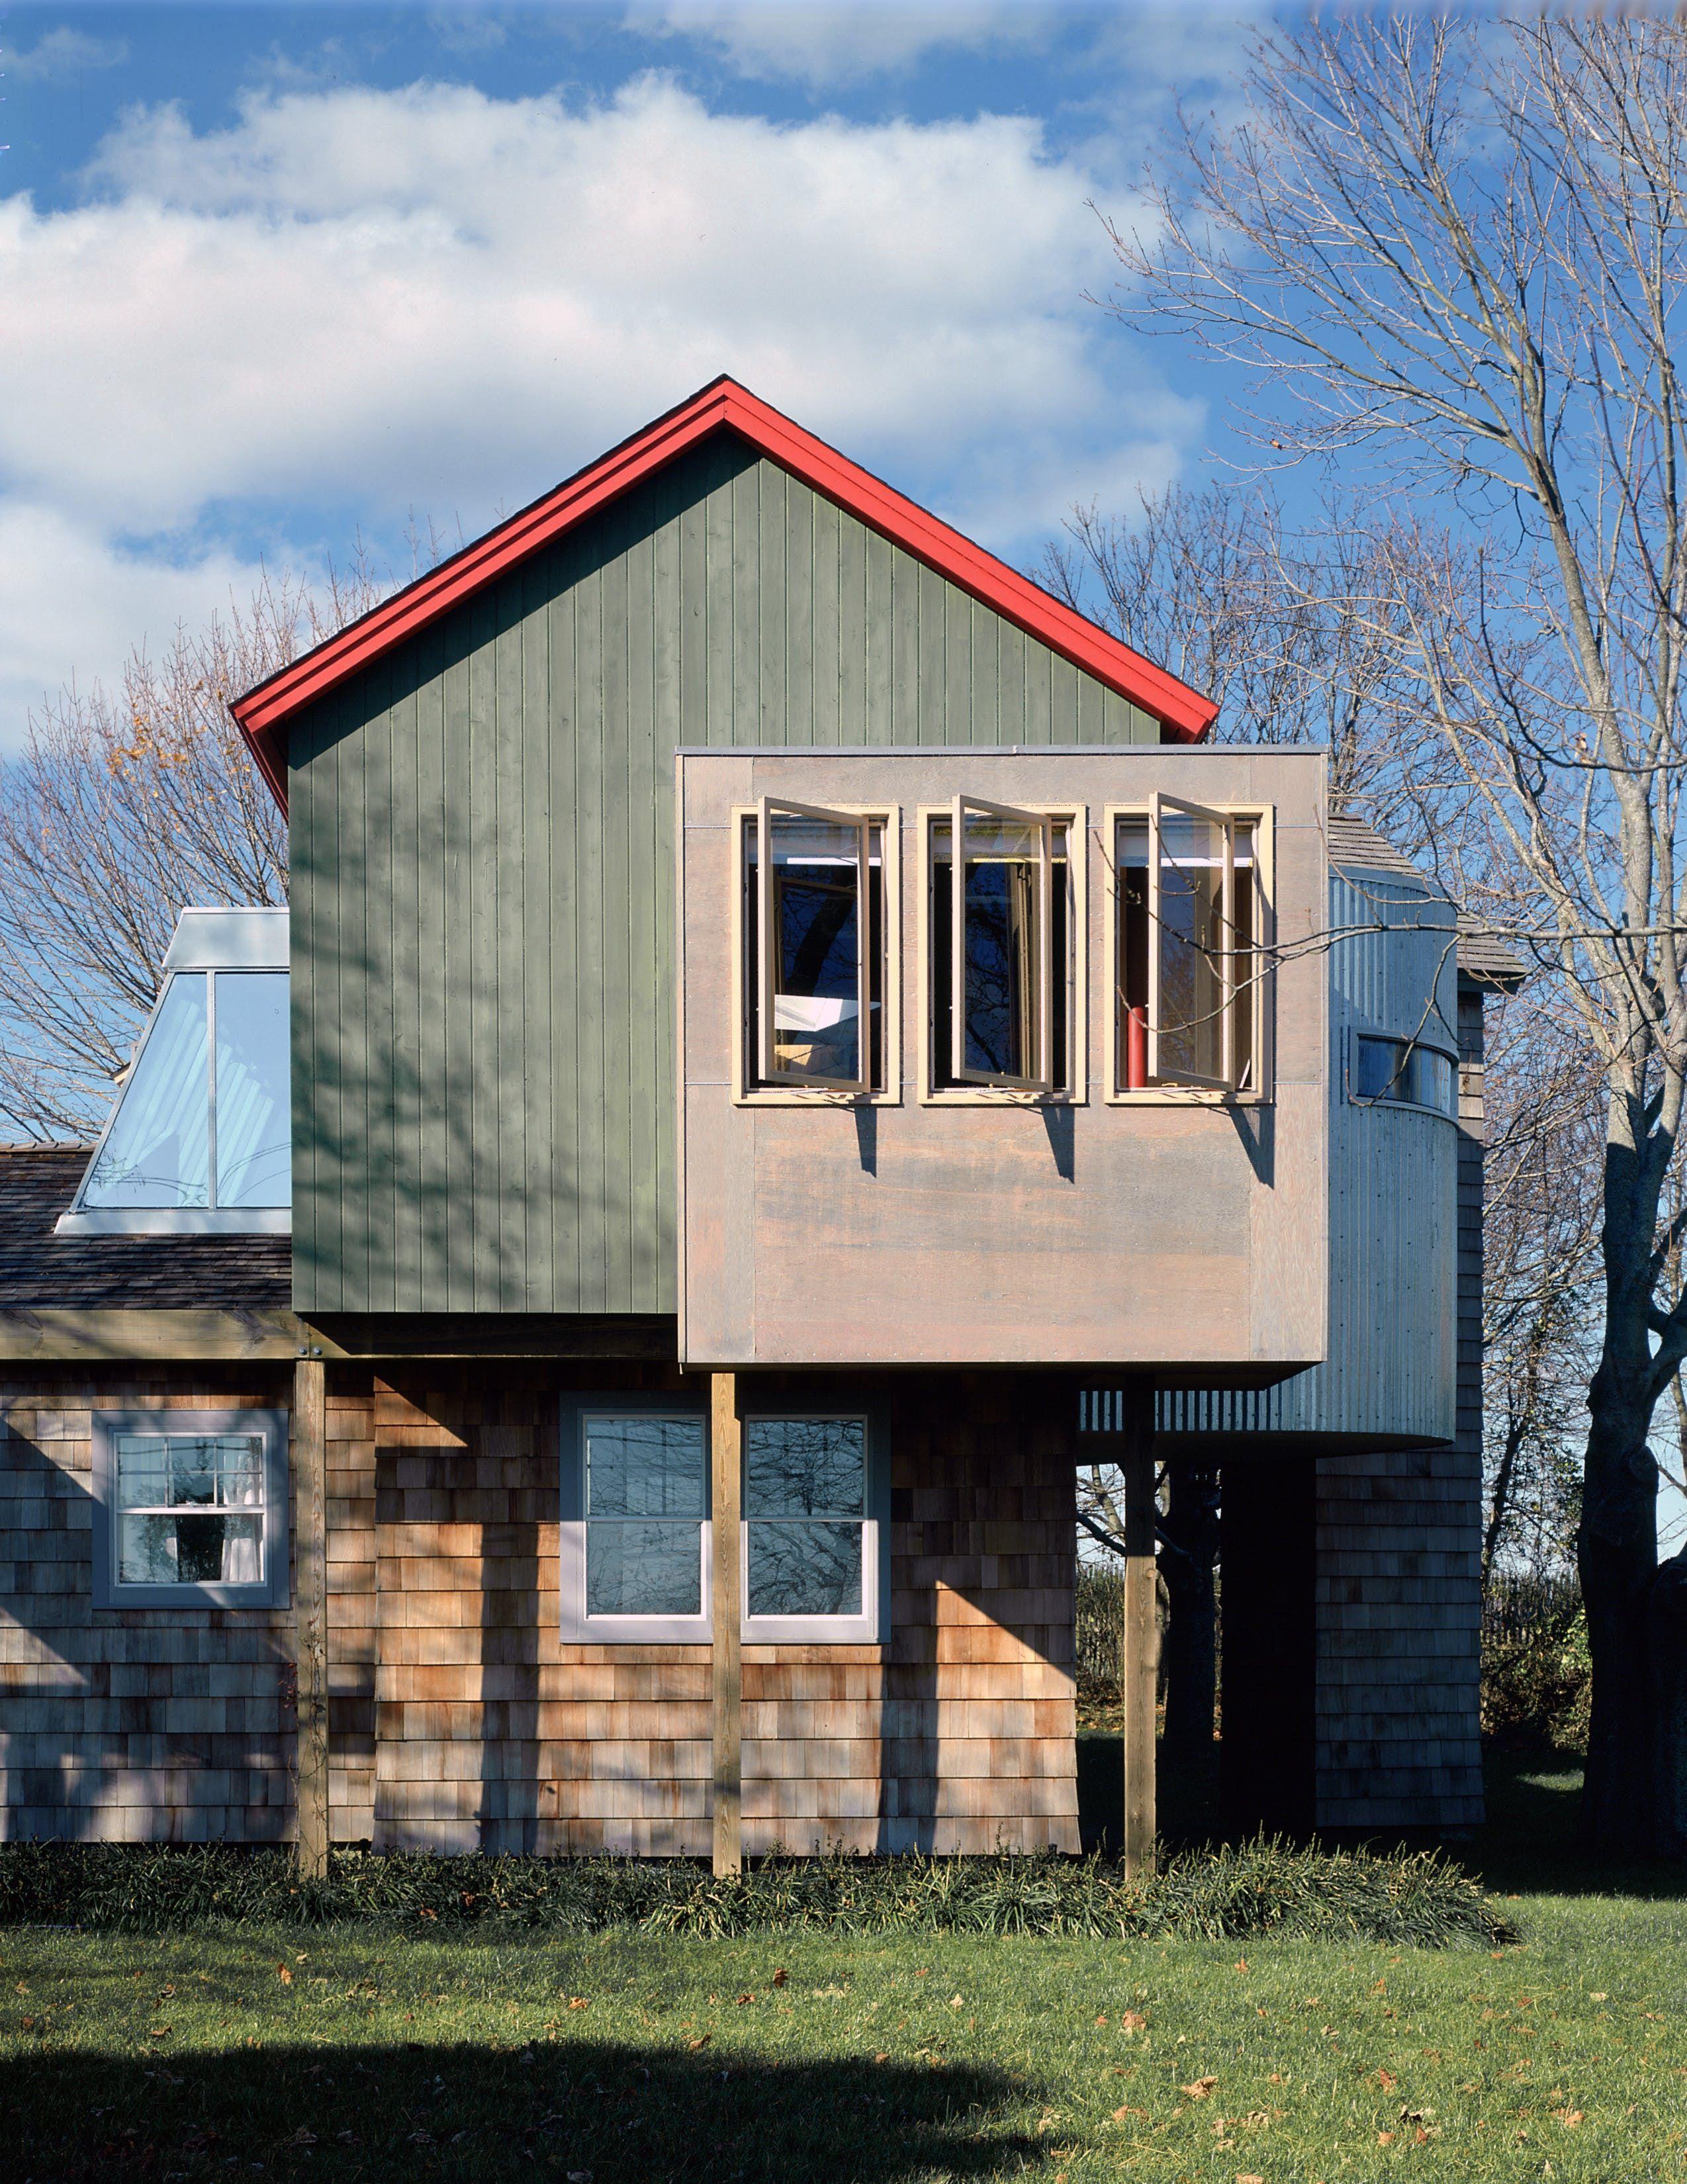 Lee H Skolnick Architecture Design Partnership Lhsadp Is